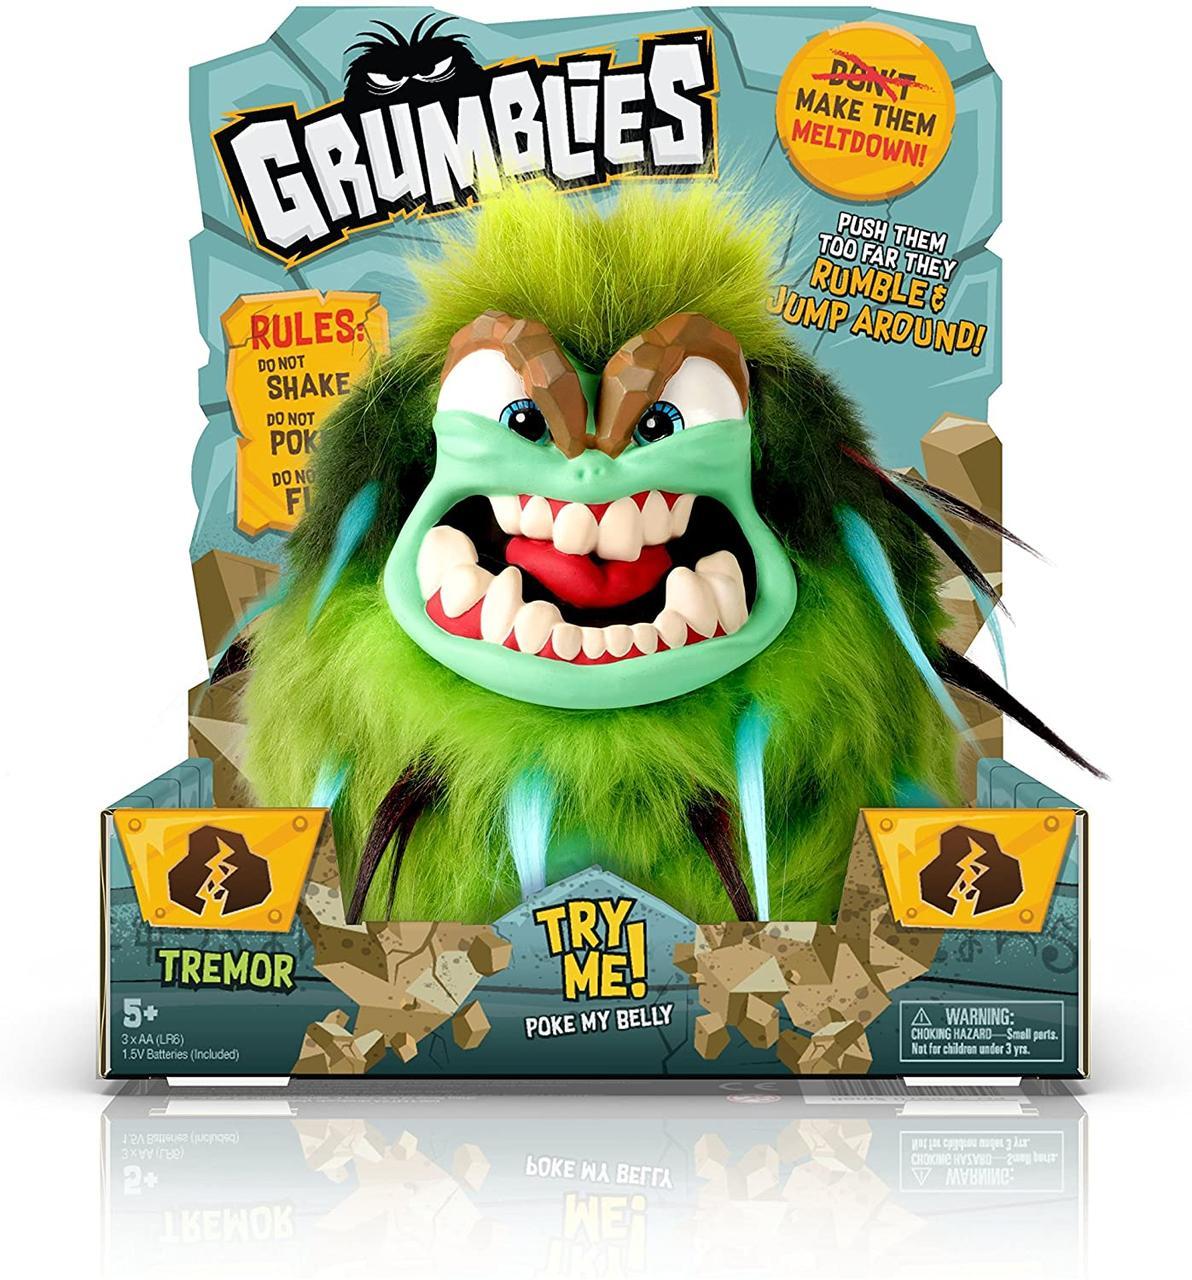 Интерактивная игрушка Монстр Тремор Зеленый Grumblies Tremor Green от Pomsies, оригинал из США